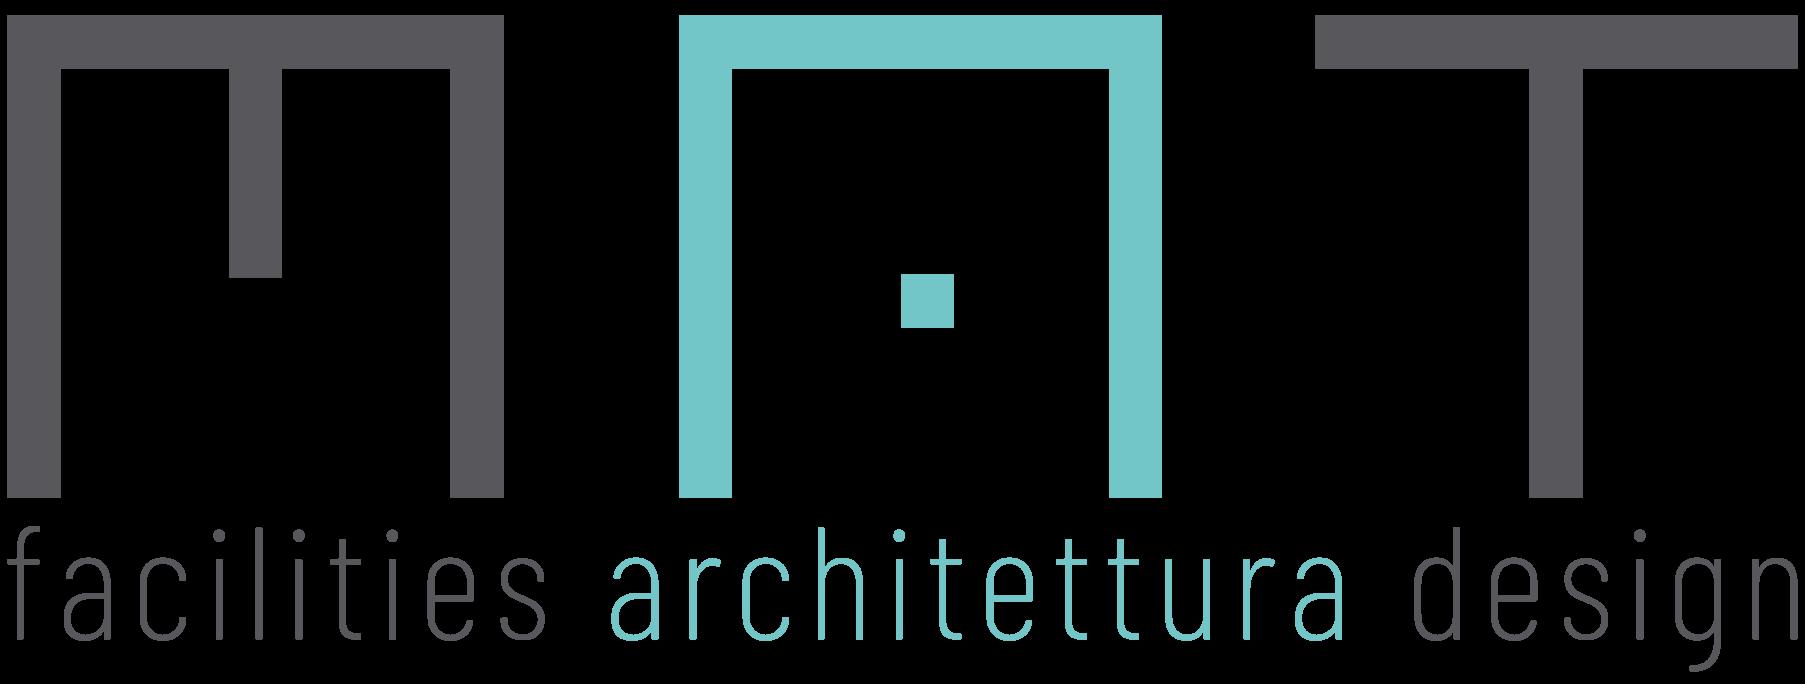 Lavoro Per Architetti Torino mat architettura - studio architettura torino